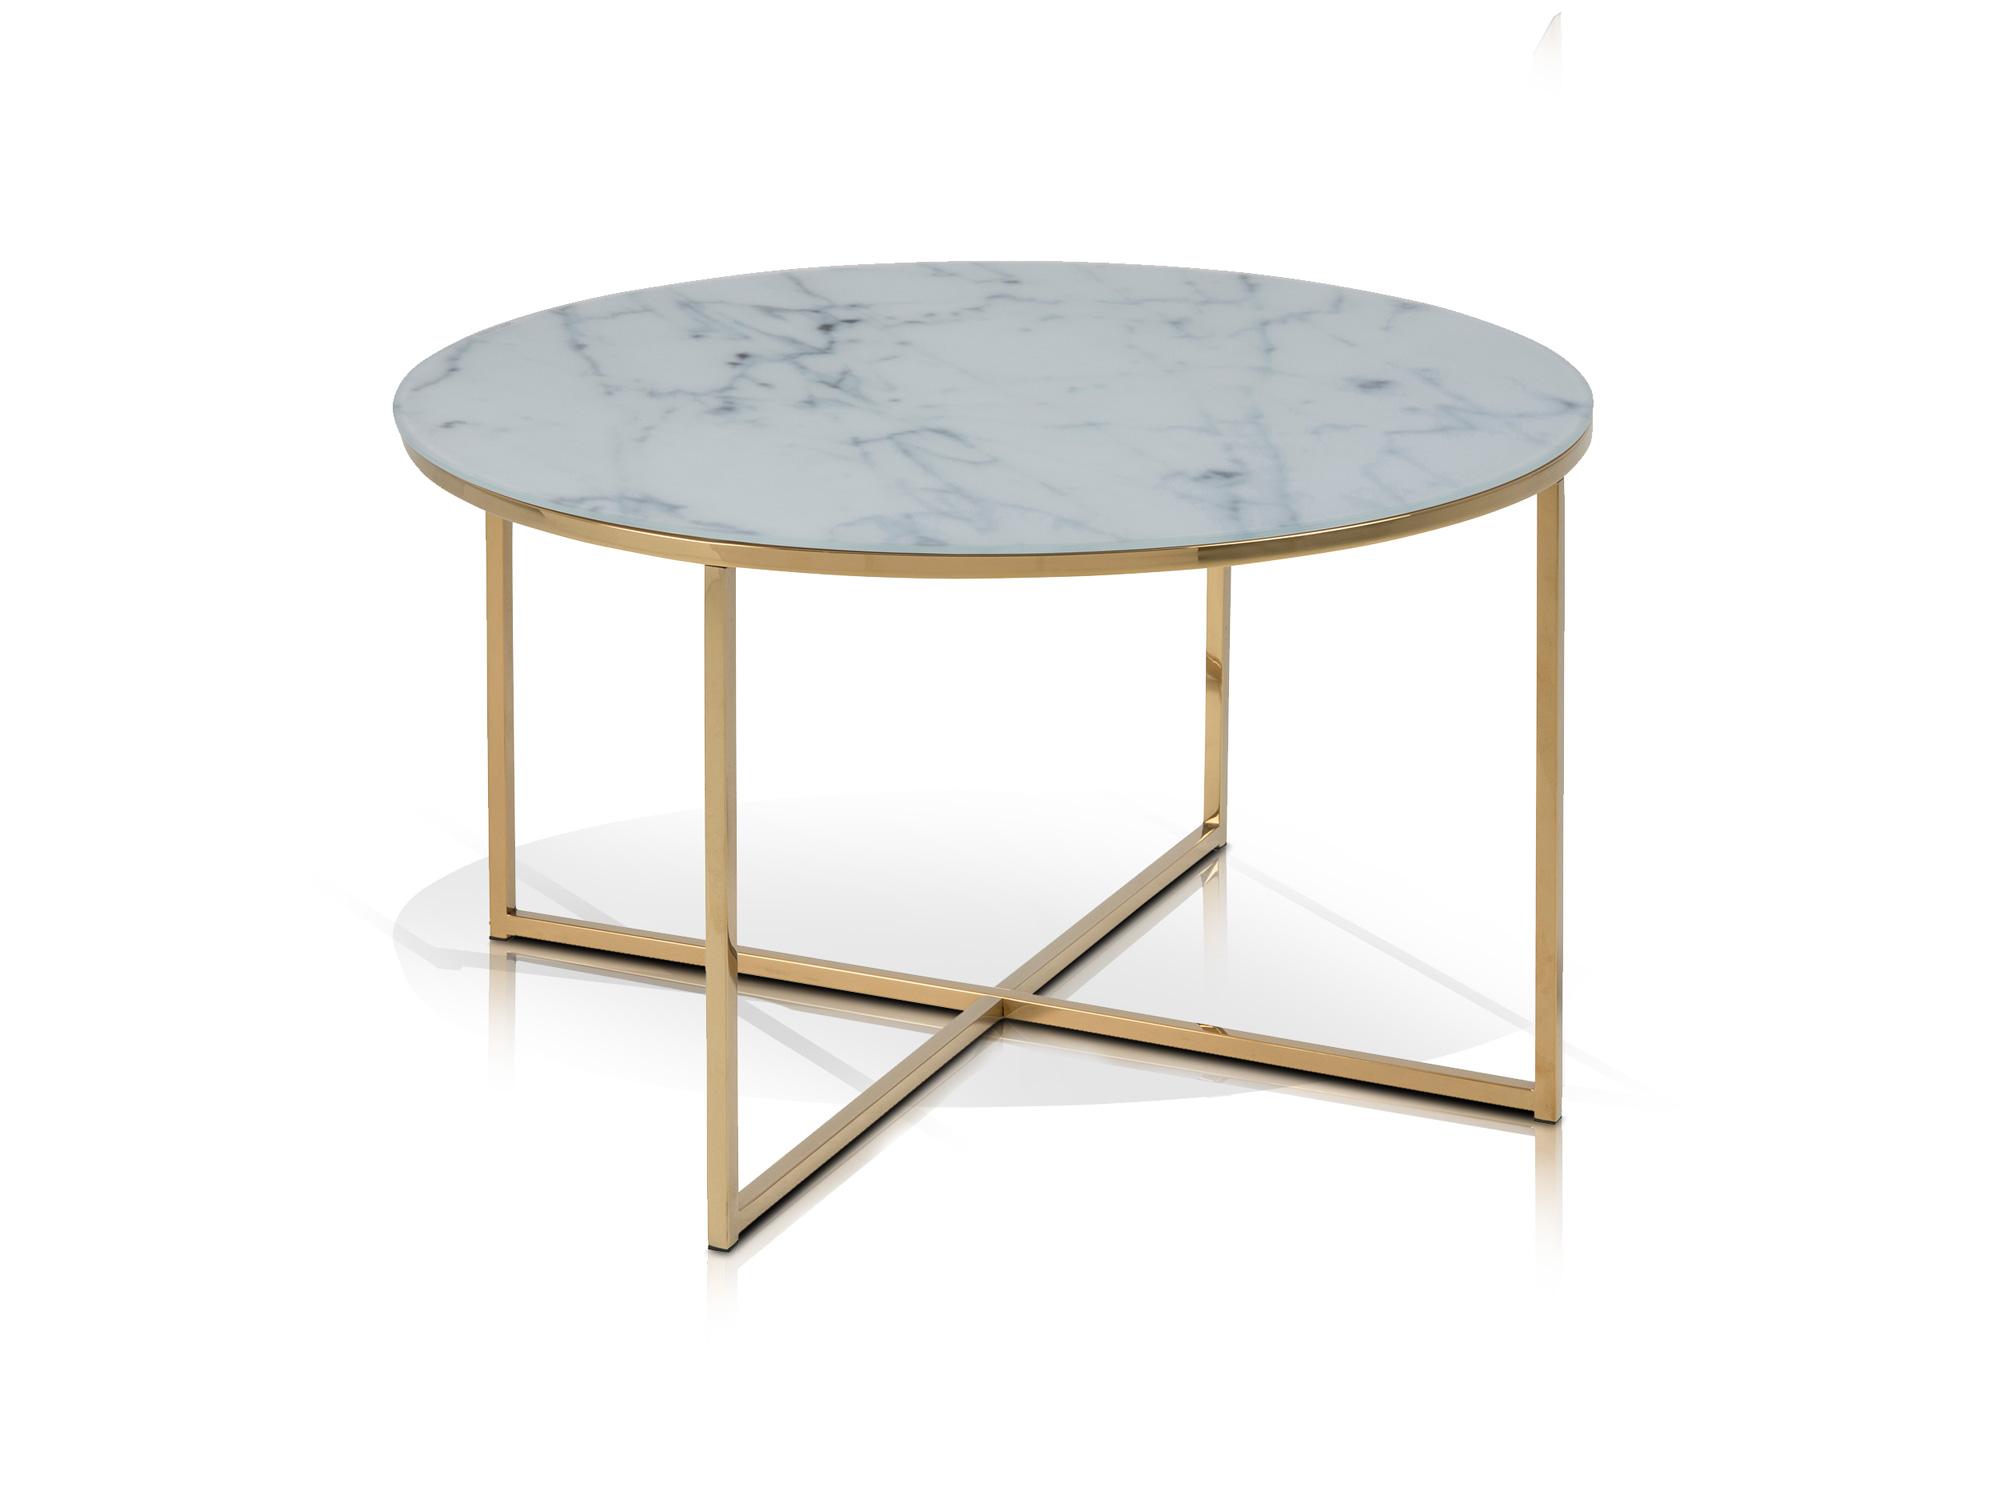 Aminda couchtisch rund 80 cm glasplatte mit marmorprint gold for Couchtisch mit glasplatte